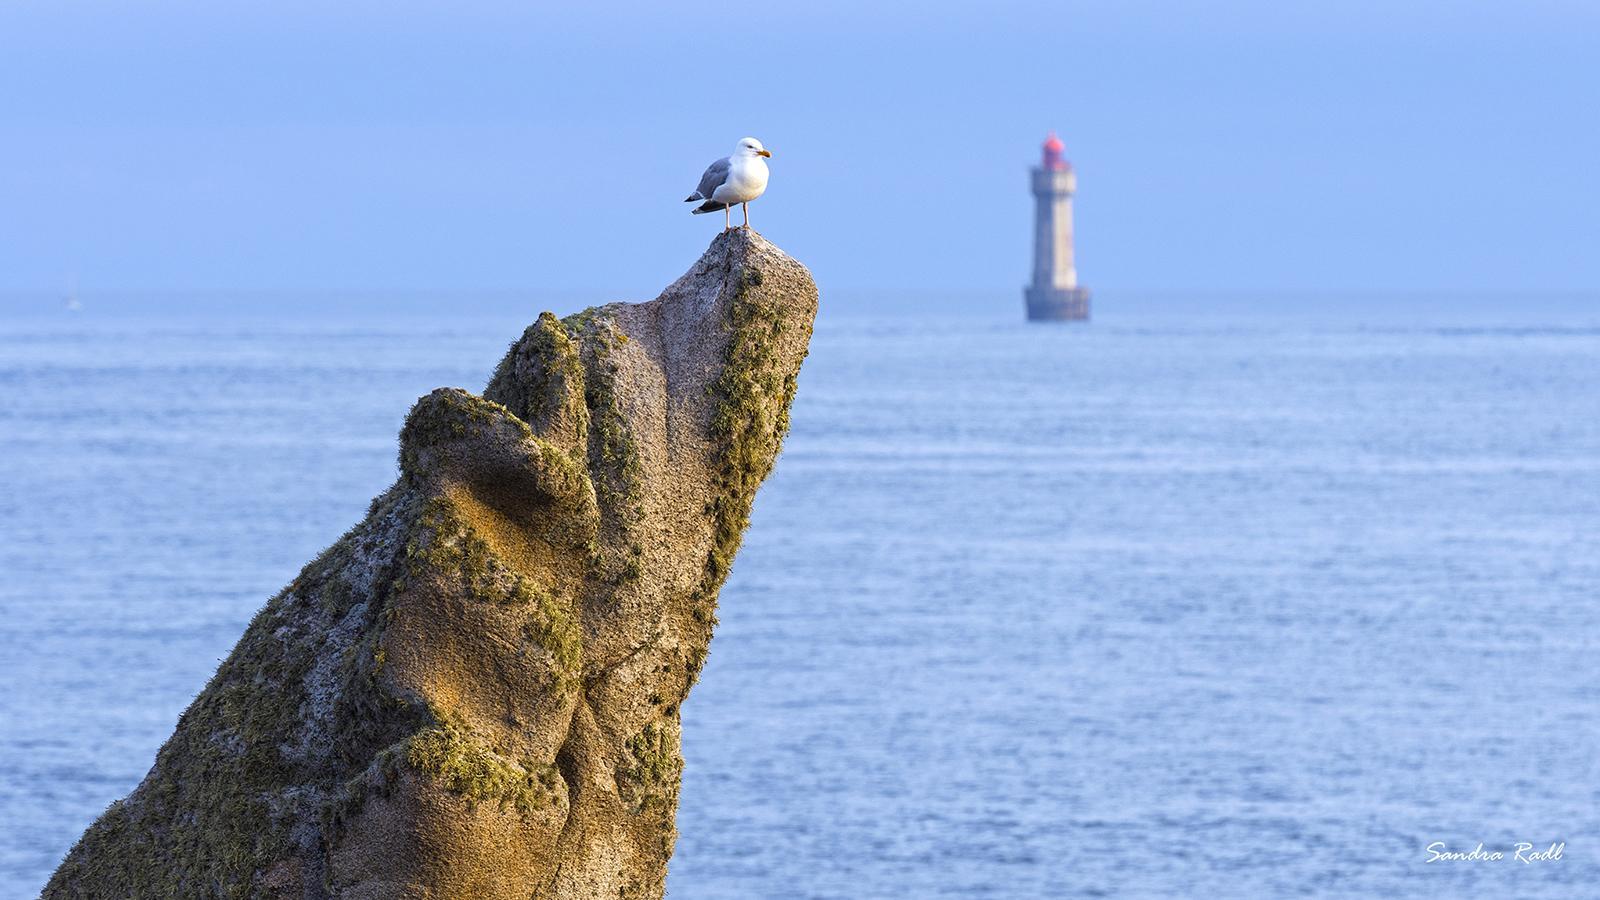 """elsen am Pointe de Pern, im Hintergrund der Phare de la Jument, bekannt aus dem Film """"Die Frau des Leuchtturmwärters"""". Foto: Sandra Radl"""